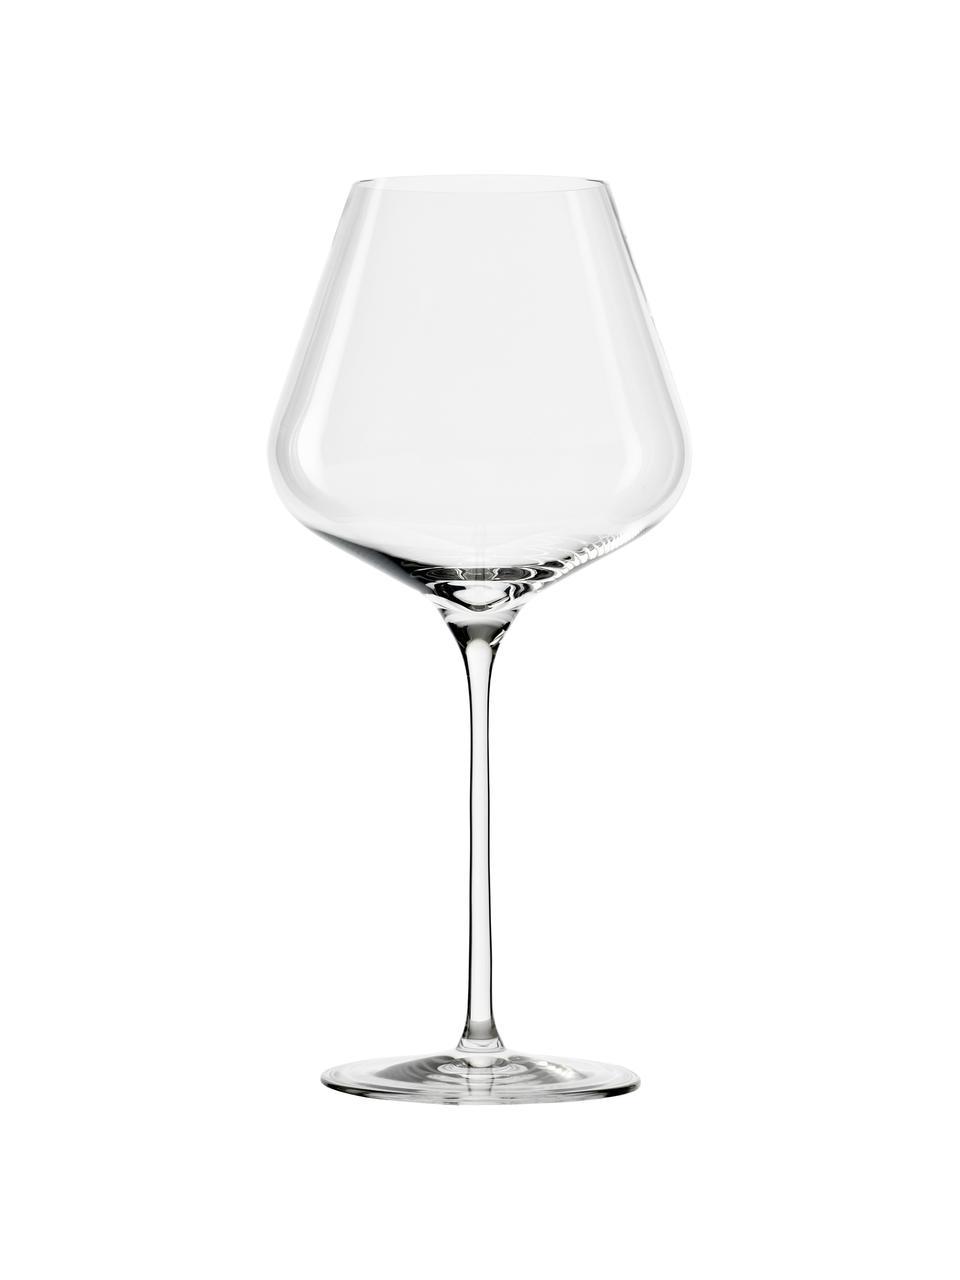 Rode wijnglazen Quatrophil, 6 stuks, Kristalglas, Transparant, Ø 12 x H 25 cm